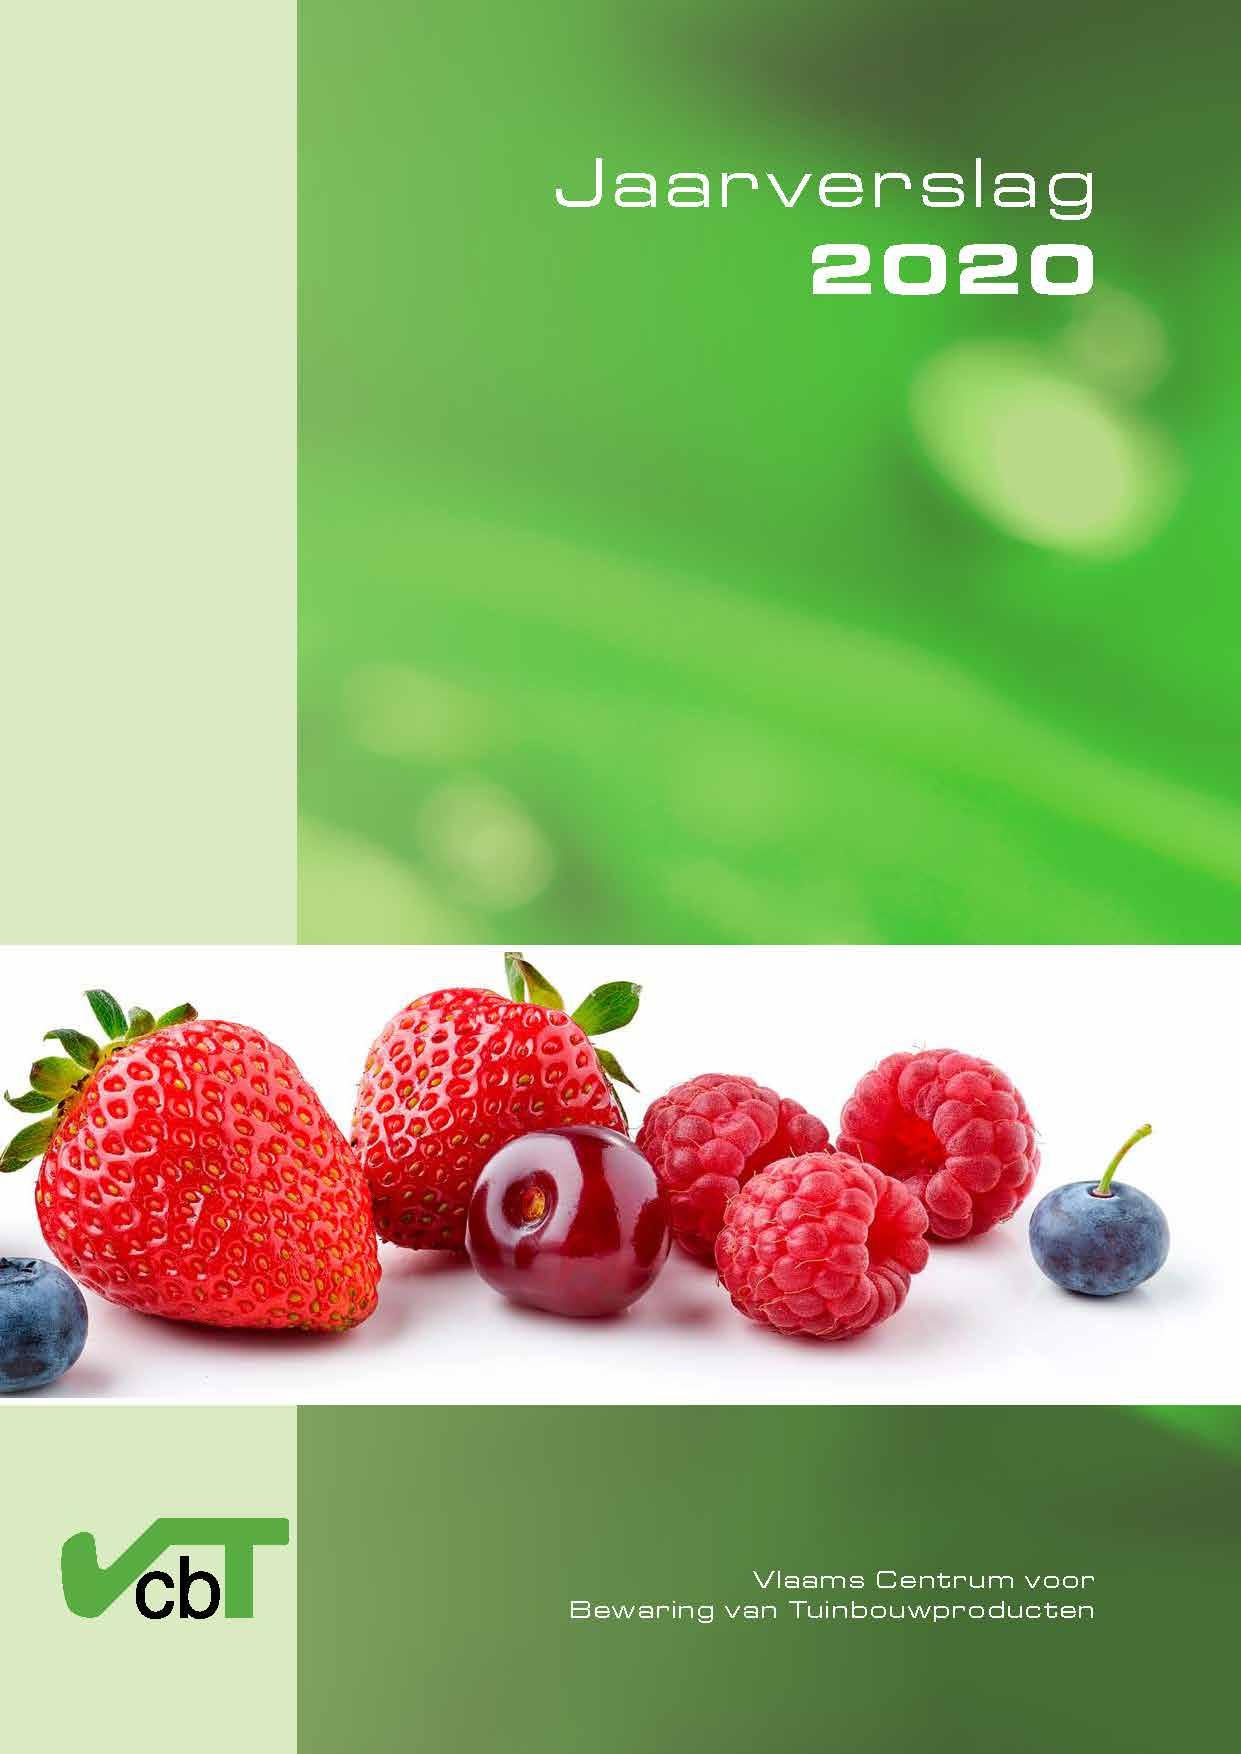 Jaarverslag VCBT 2020 online!